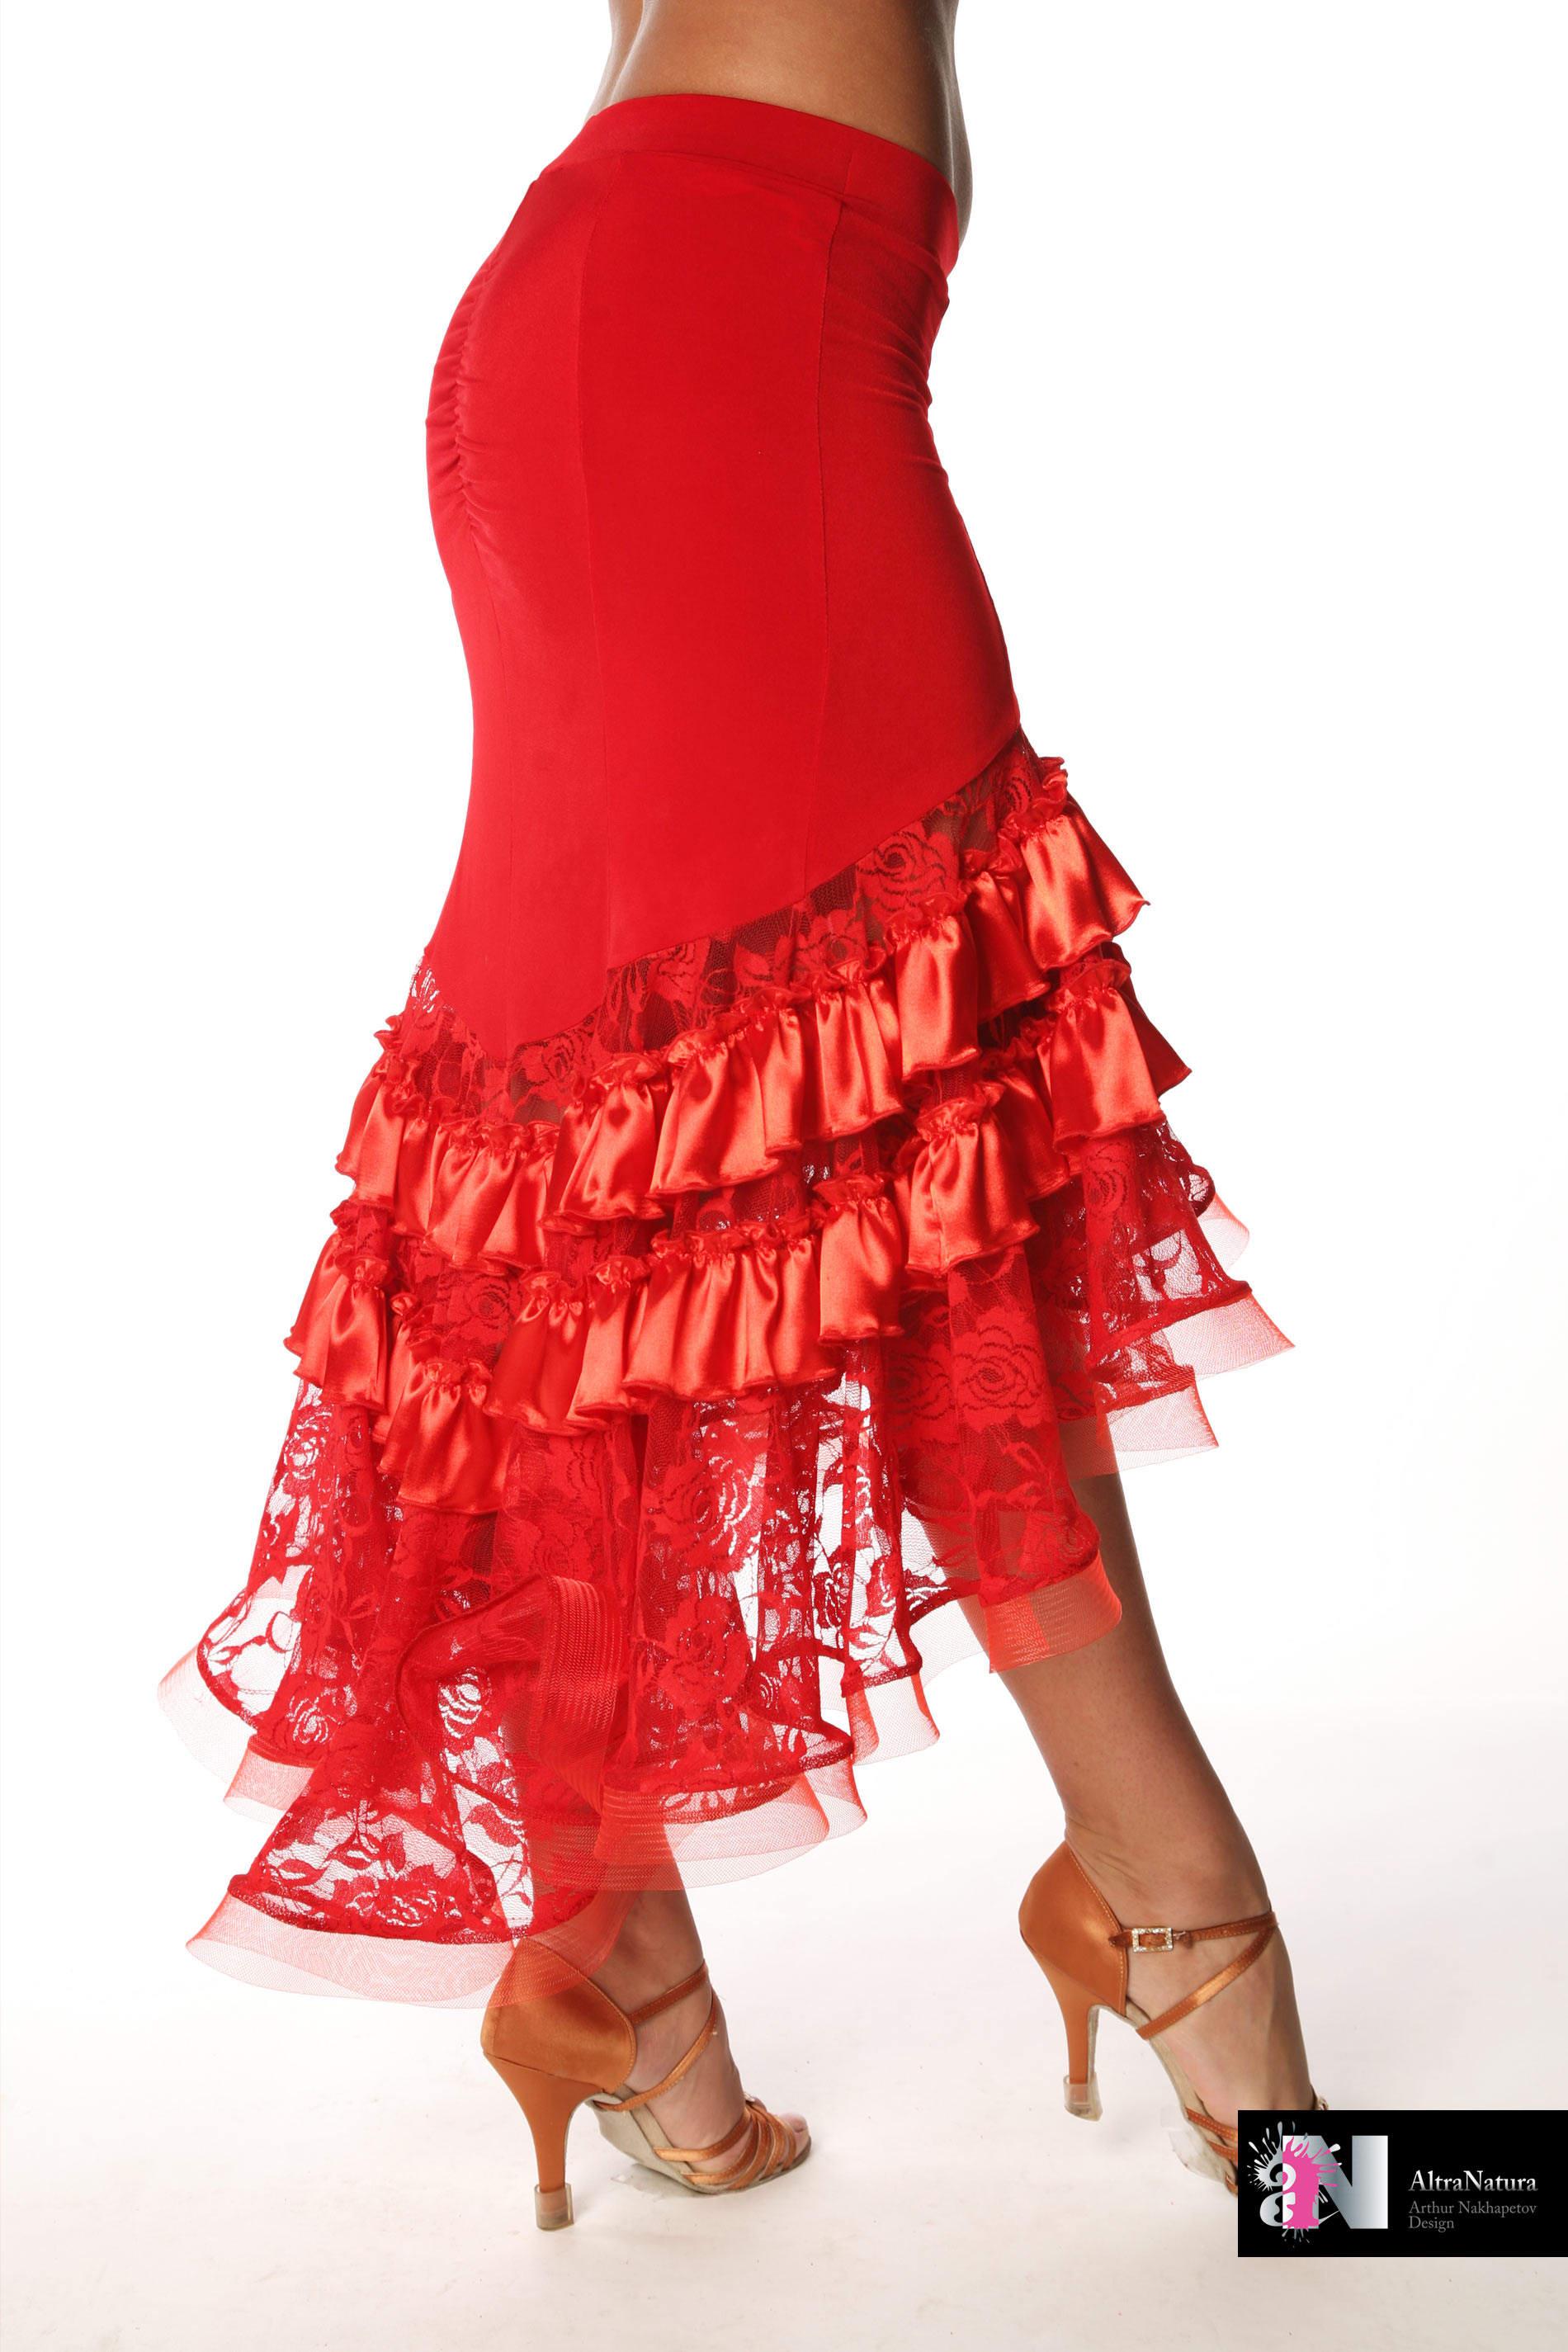 Танцующая юбка своими руками